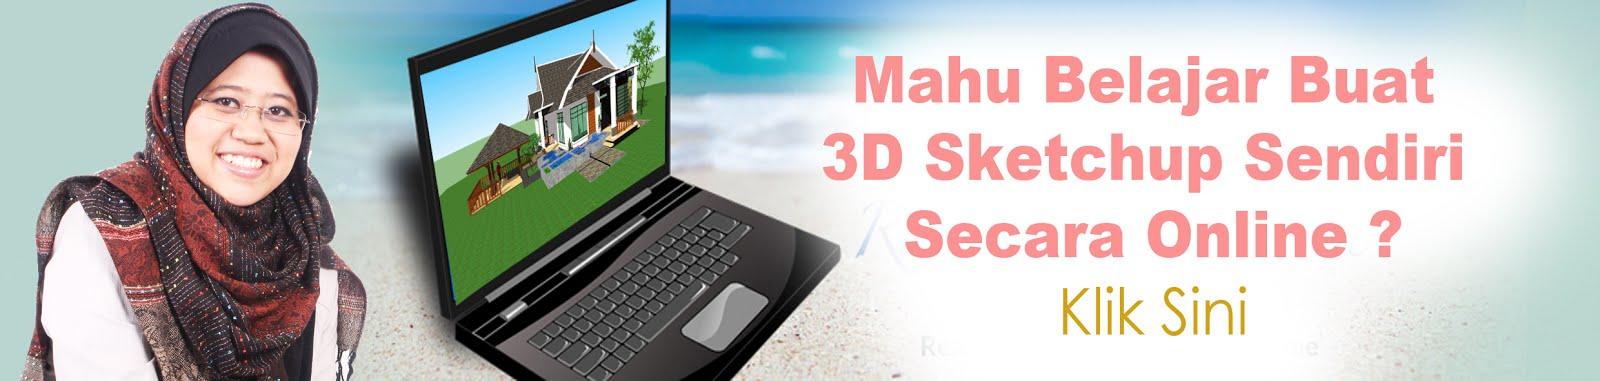 Daftar belajar kelas santai online 3d sketchup